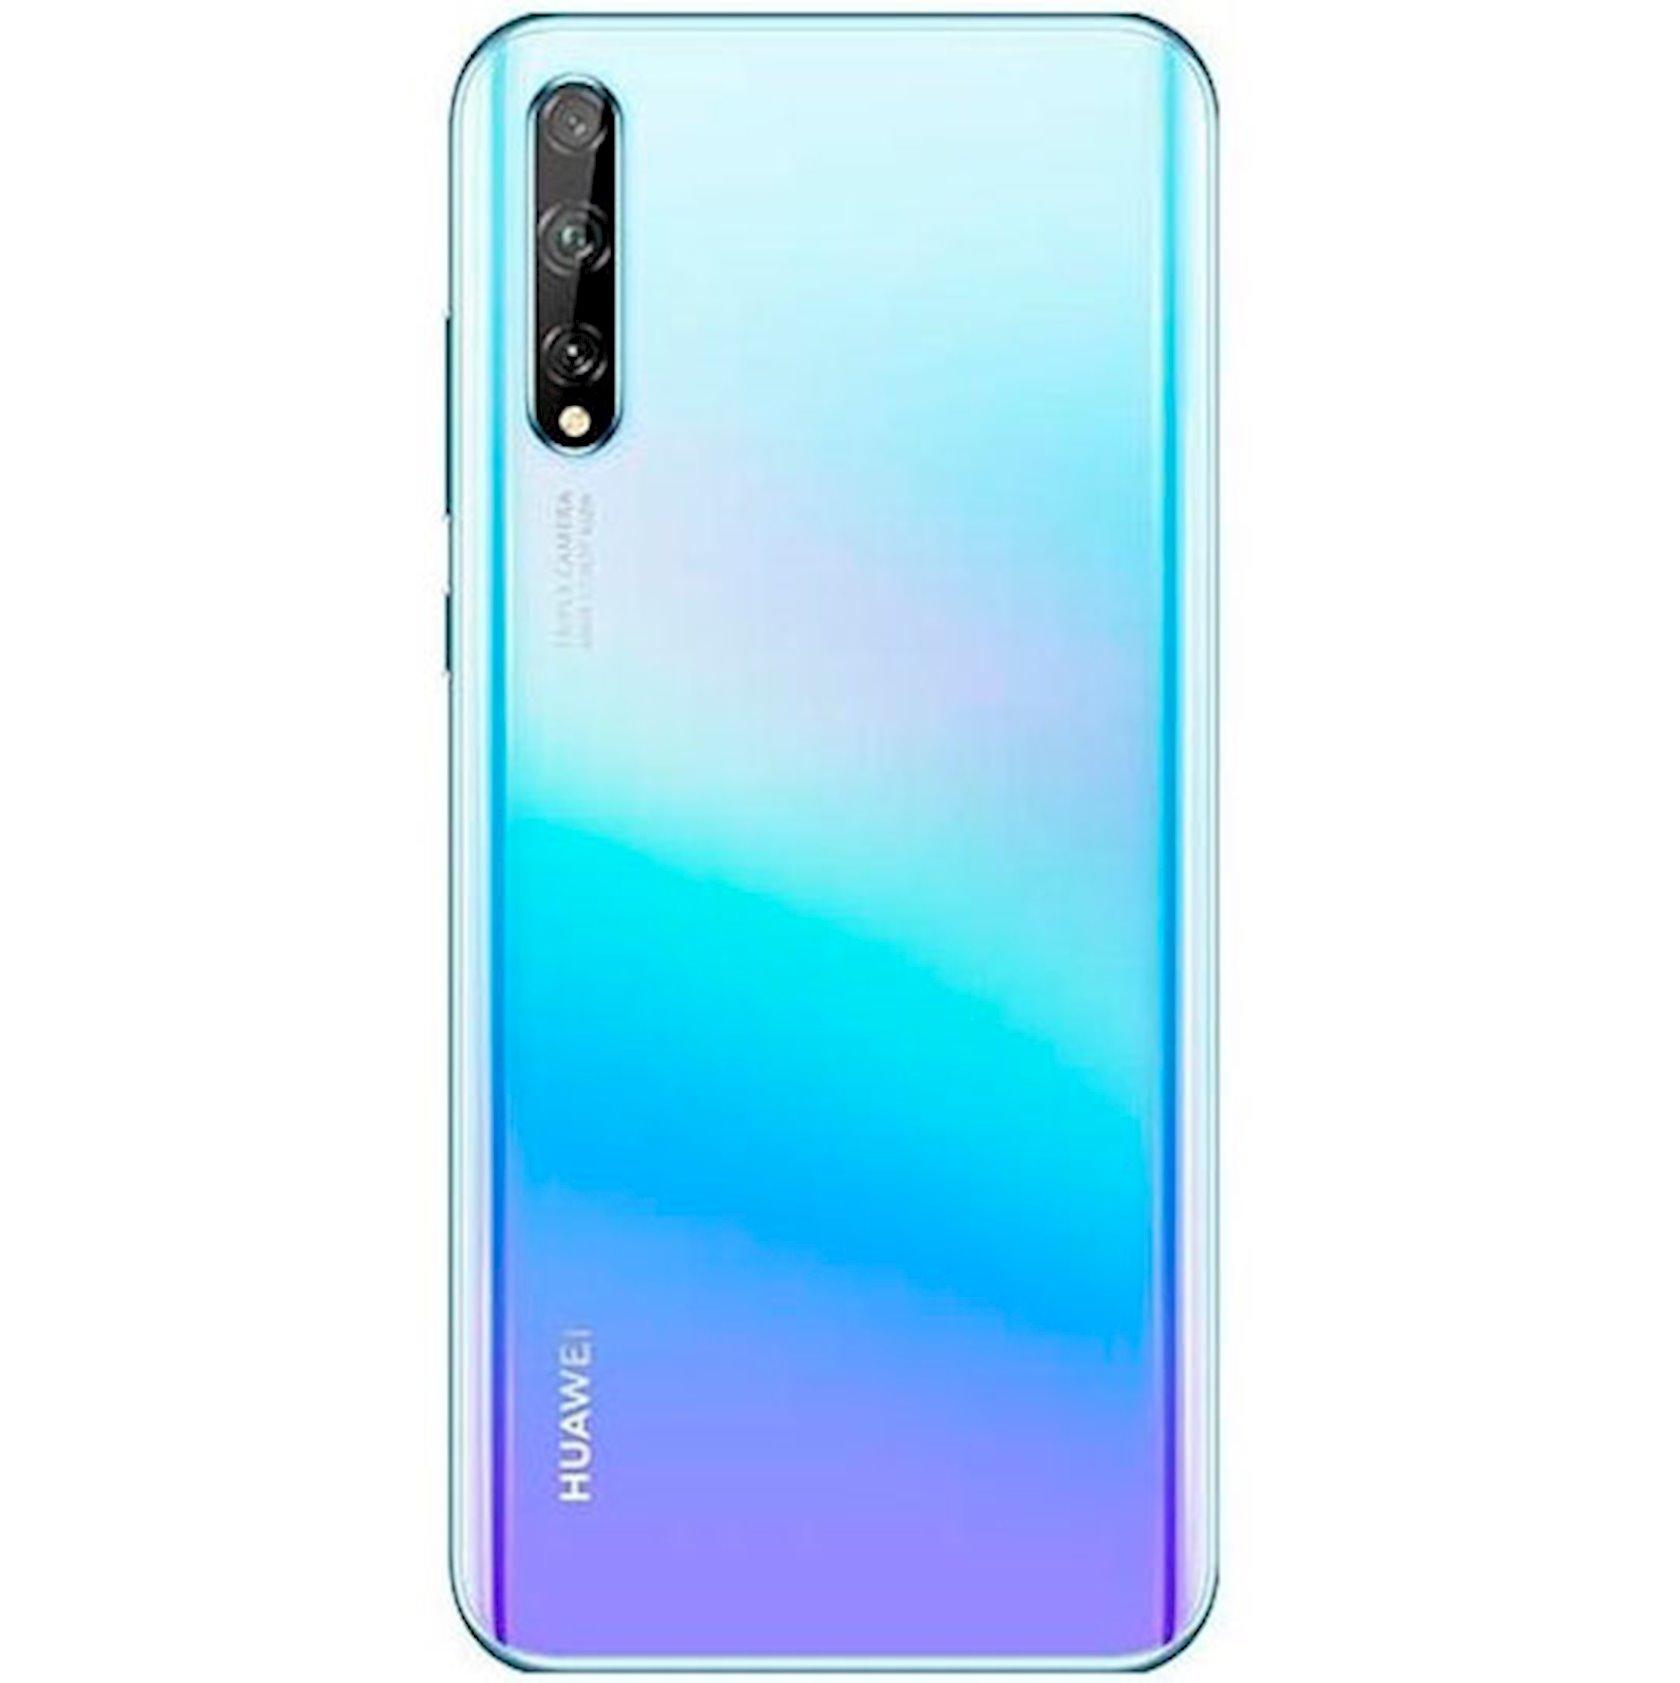 Smartfon Huawei Y8p 128 Gb Breathing Crystal